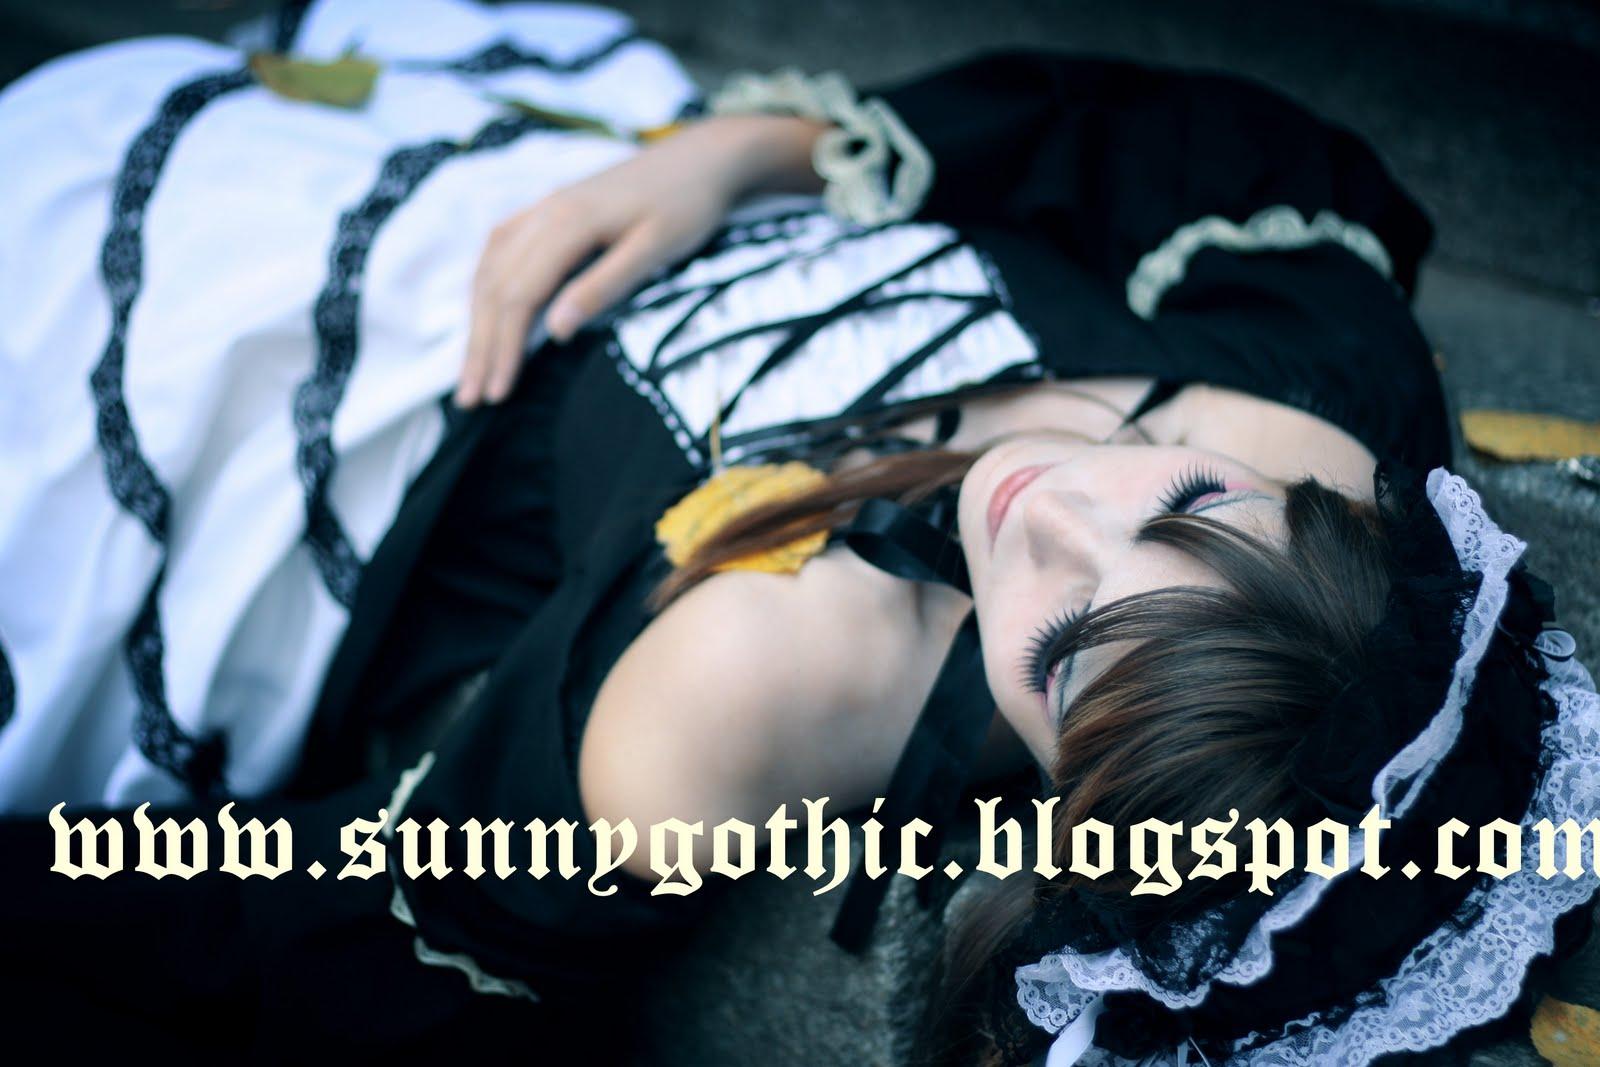 http://2.bp.blogspot.com/_7qQkPoB4Mrg/TK0cP54j5-I/AAAAAAAAAEg/LrIuB1Sr6Bk/s1600/Gothic%2BDoll.jpg